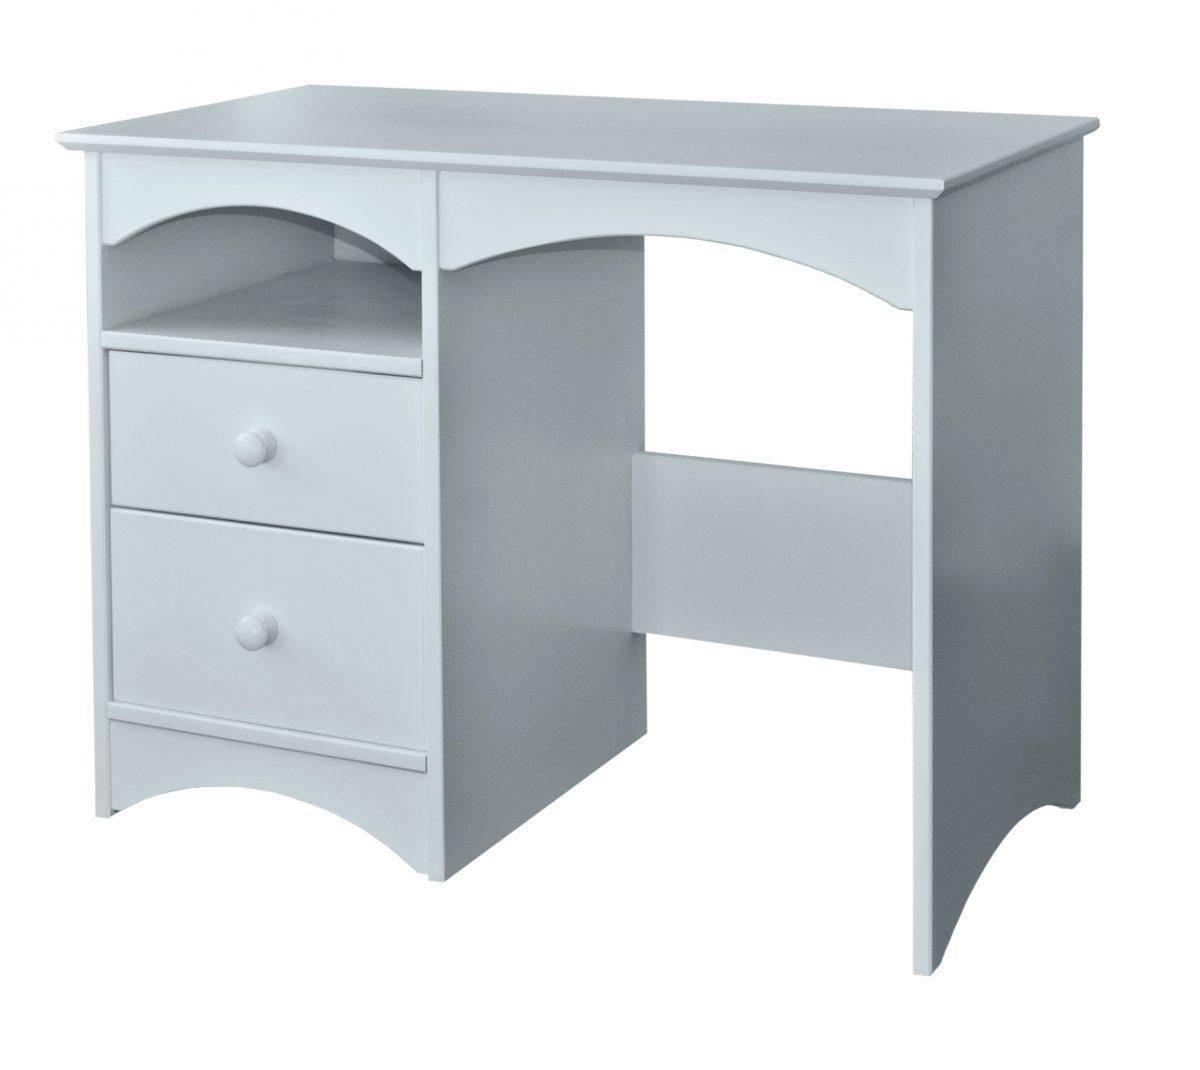 Elfin Single Ped Desk 2 Drawer Open Shelf Little Boy Blue